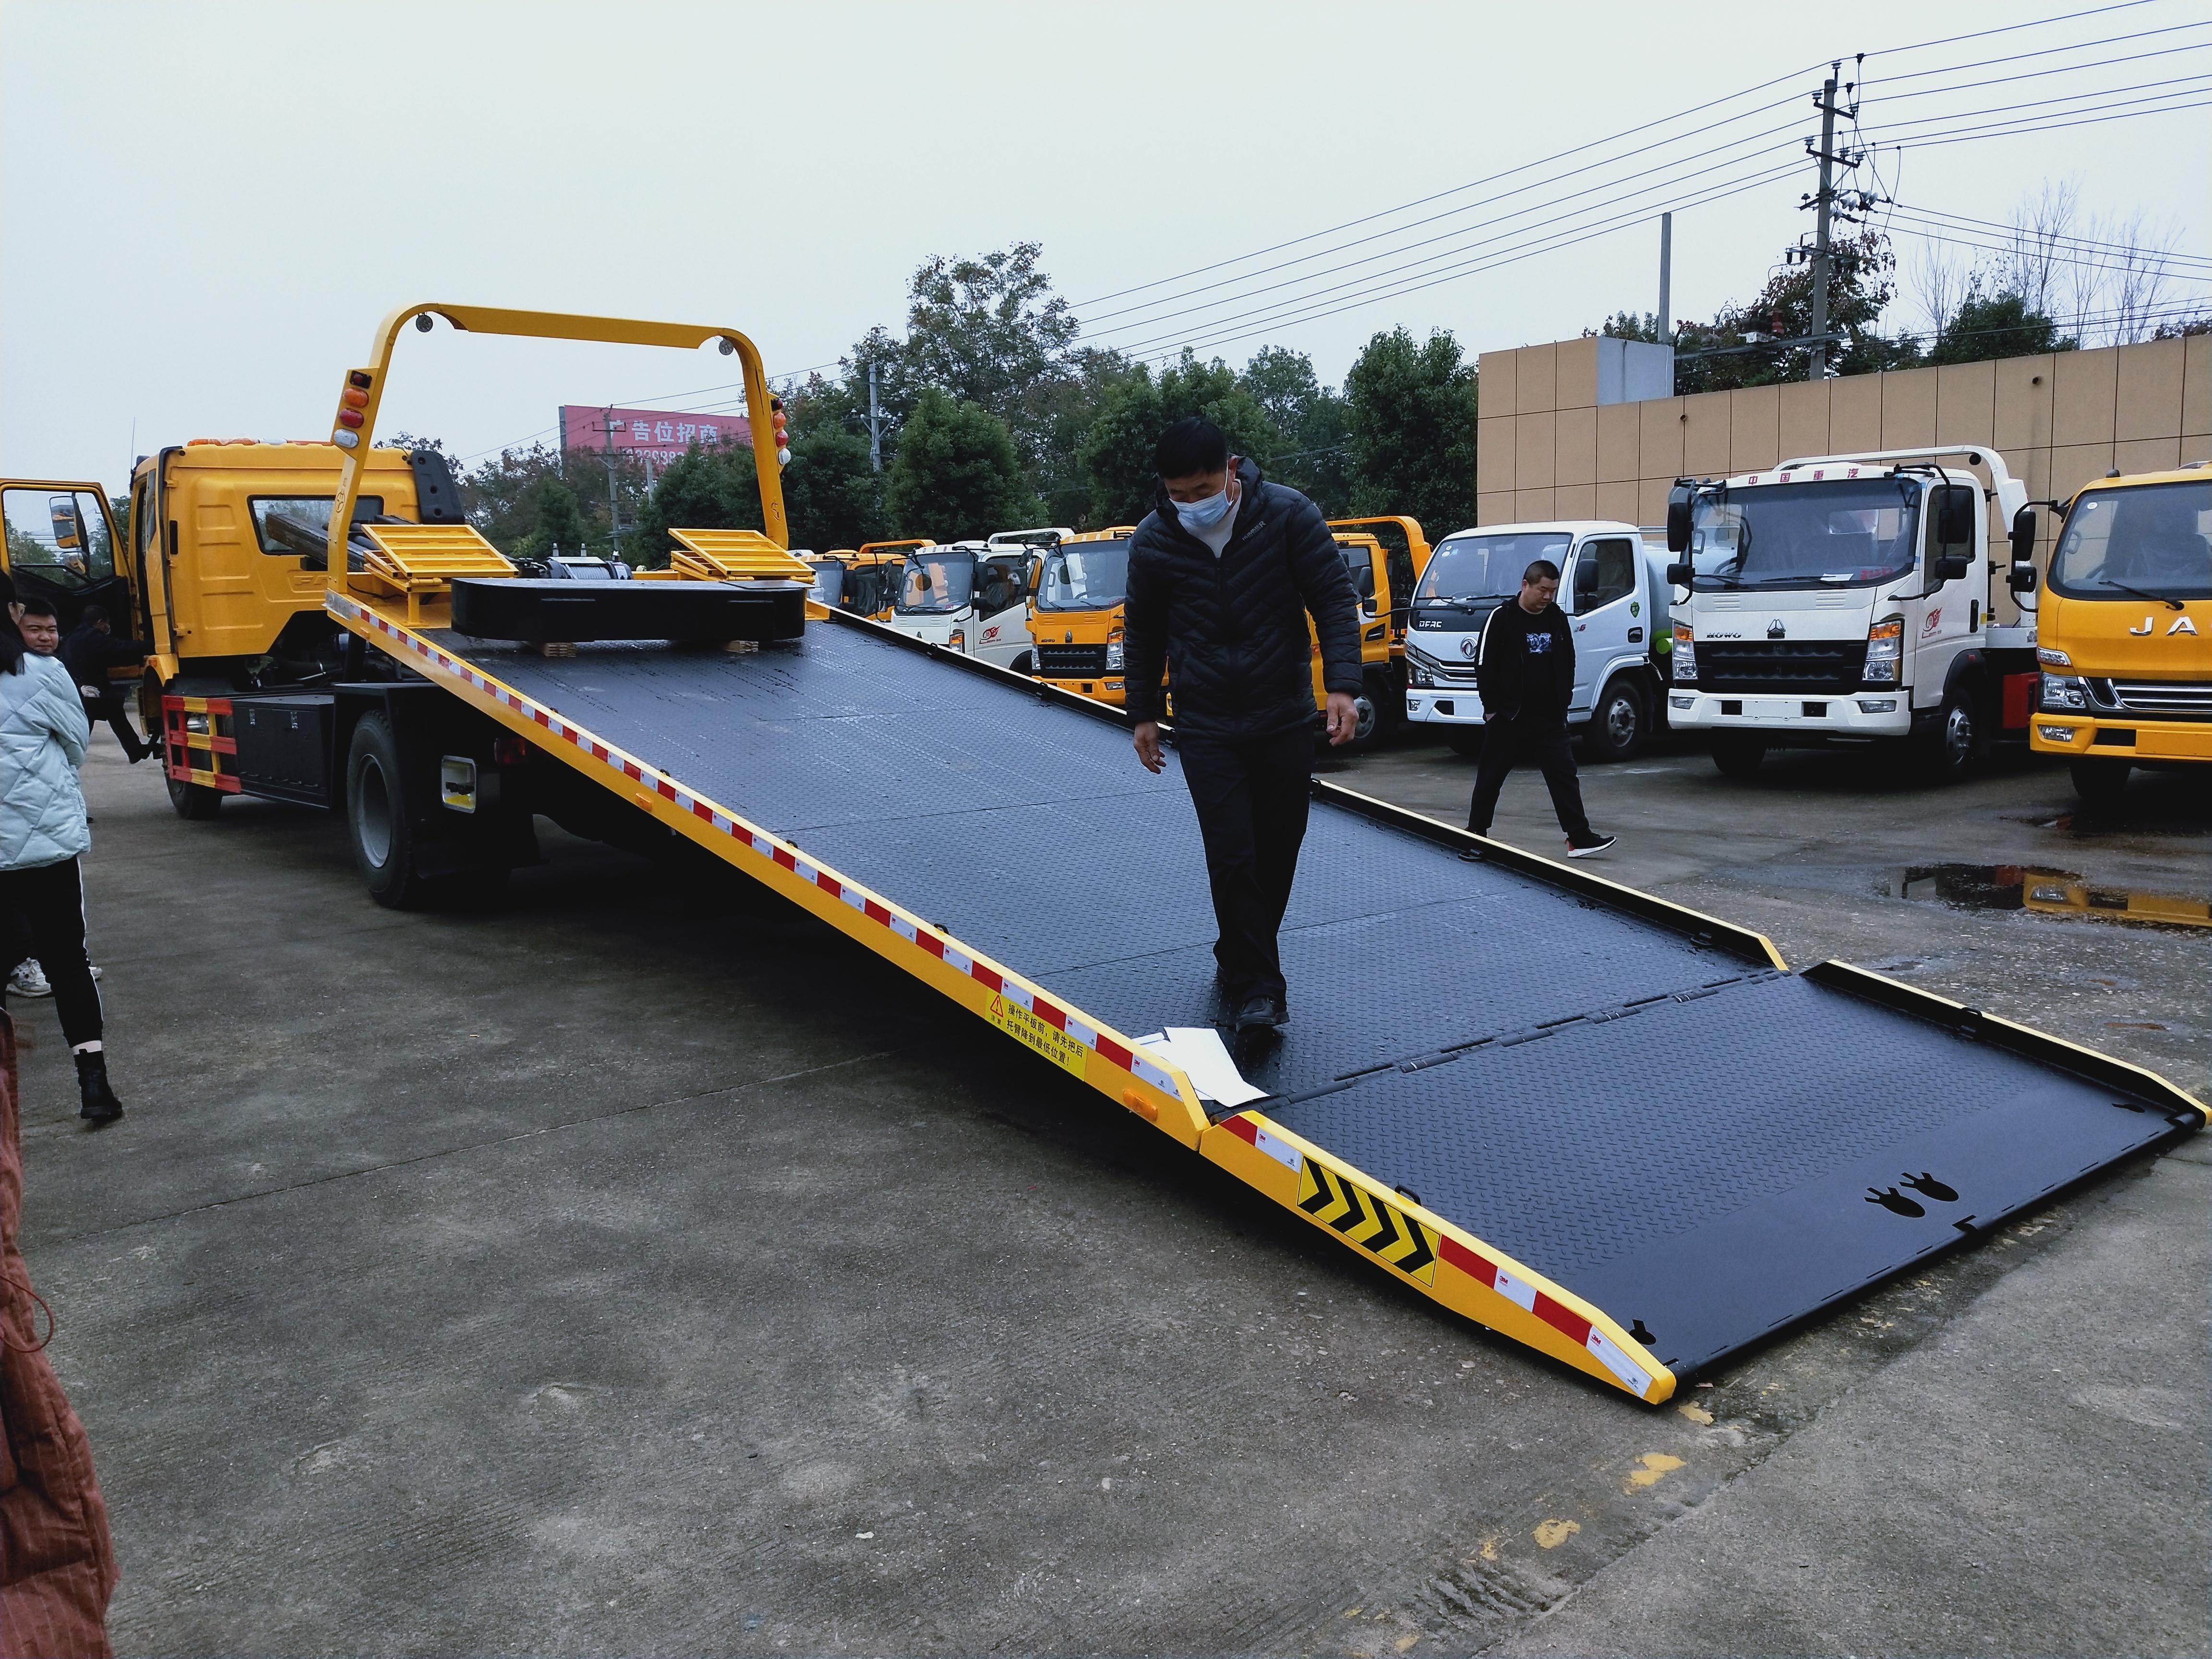 解放重载拖车8米多大平板清障车价格解放10吨上装操作视频